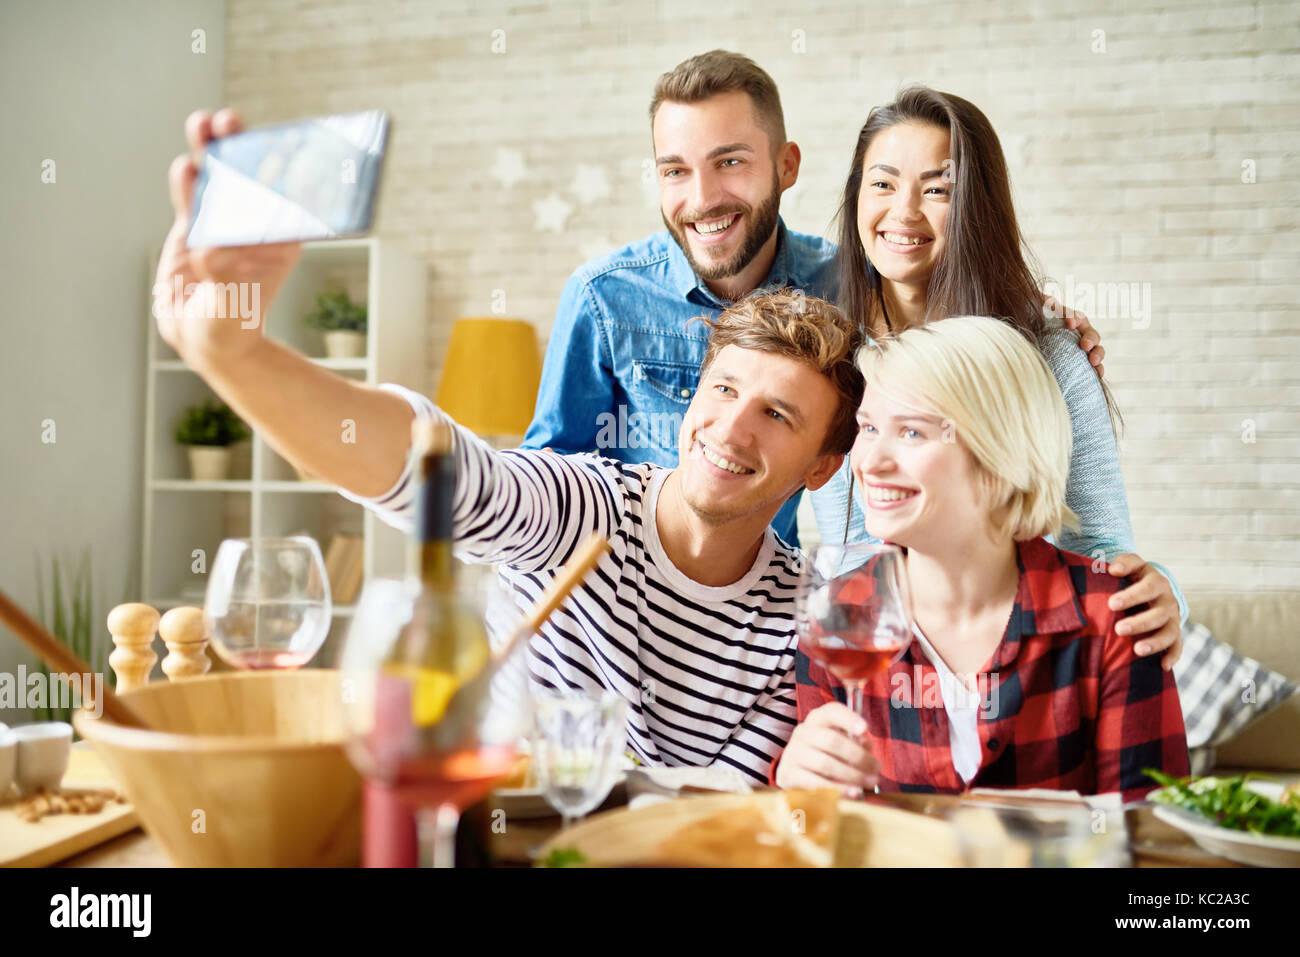 Retrato de cuatro amigos tomando selfie feliz en la mesa mientras celebraba la fiesta juntos Imagen De Stock